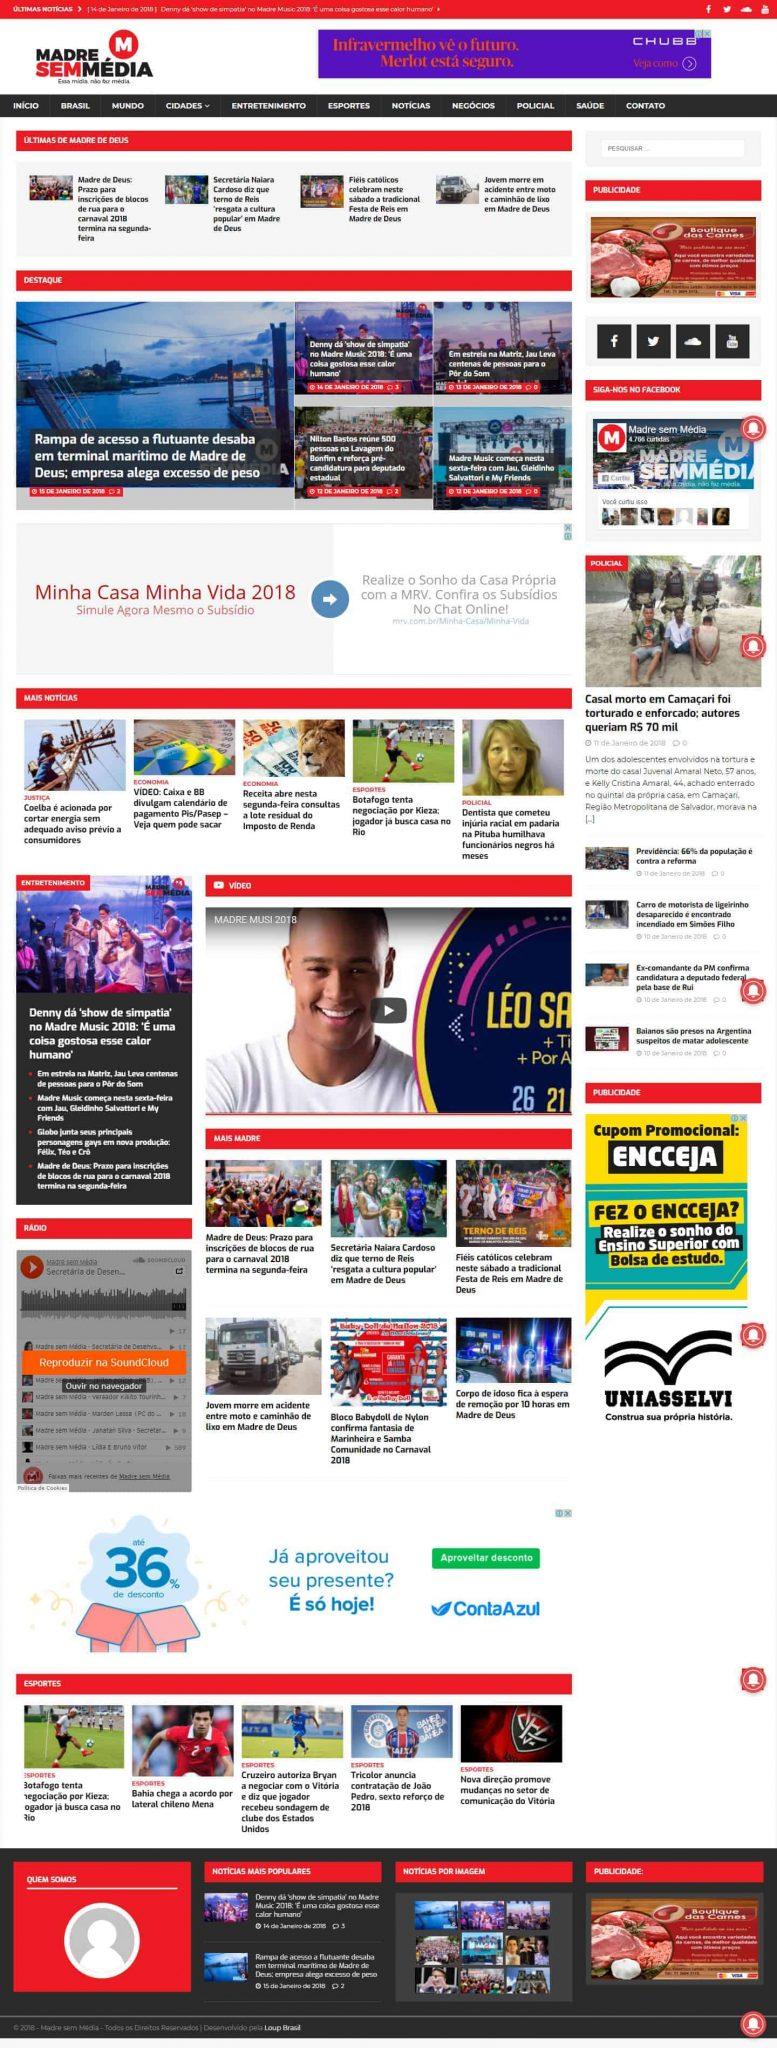 Página principal do site Madre Sem Média.